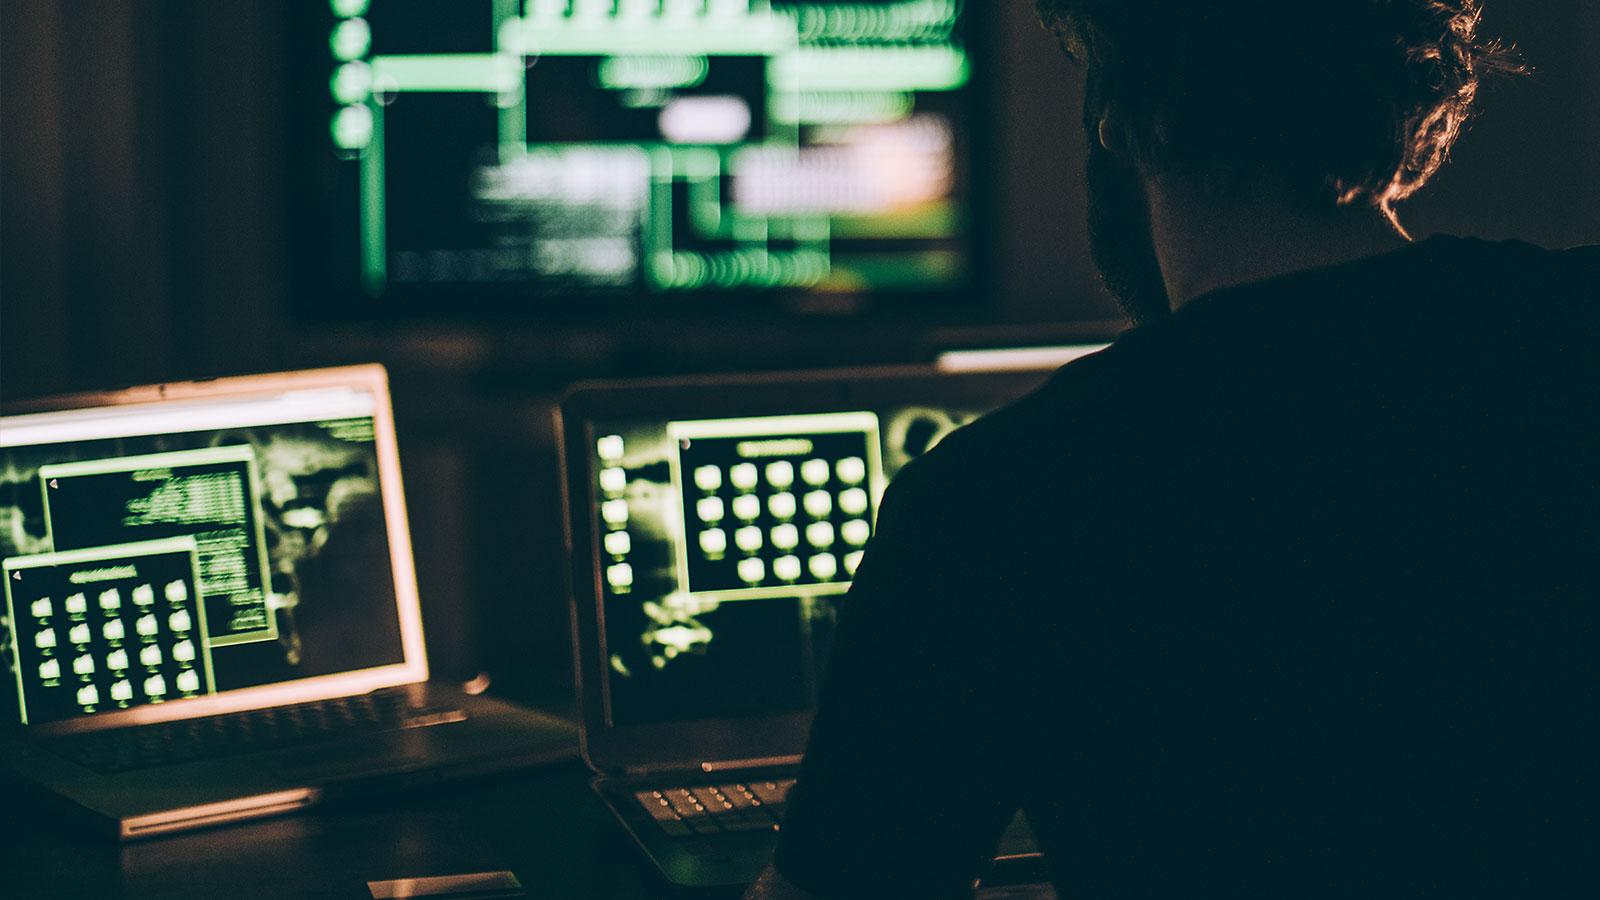 Mann jobber med cybersikkerhet i mørket på noen datamaskiner